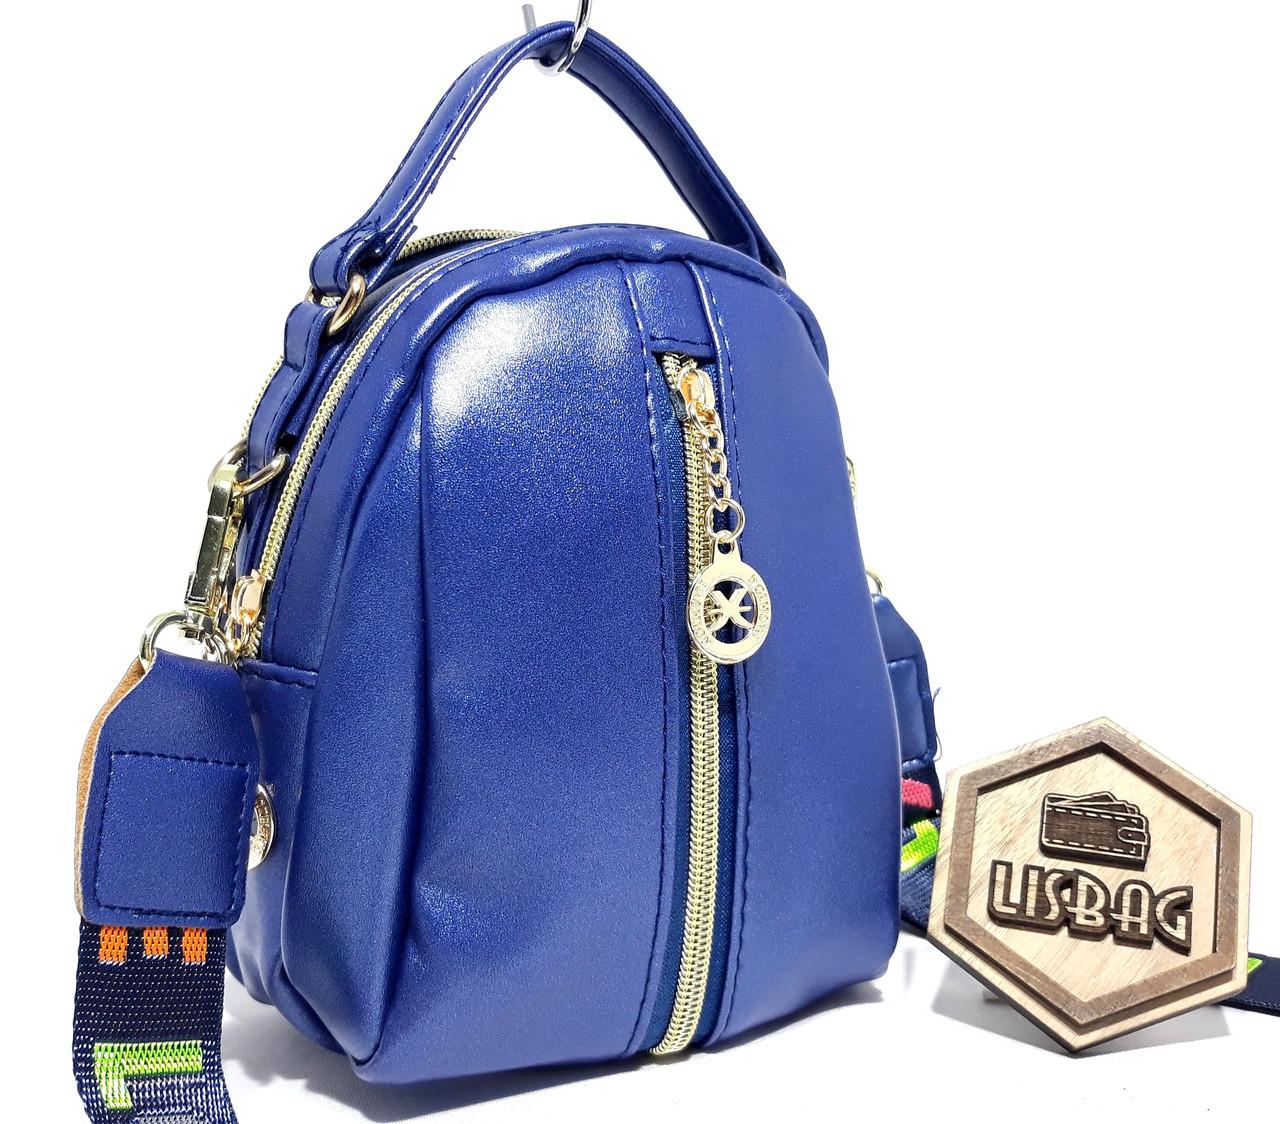 cc6dc58c47e4 ... Синяя перламутровая женская маленькая сумка-чемоданчик, Новинка, фото 10